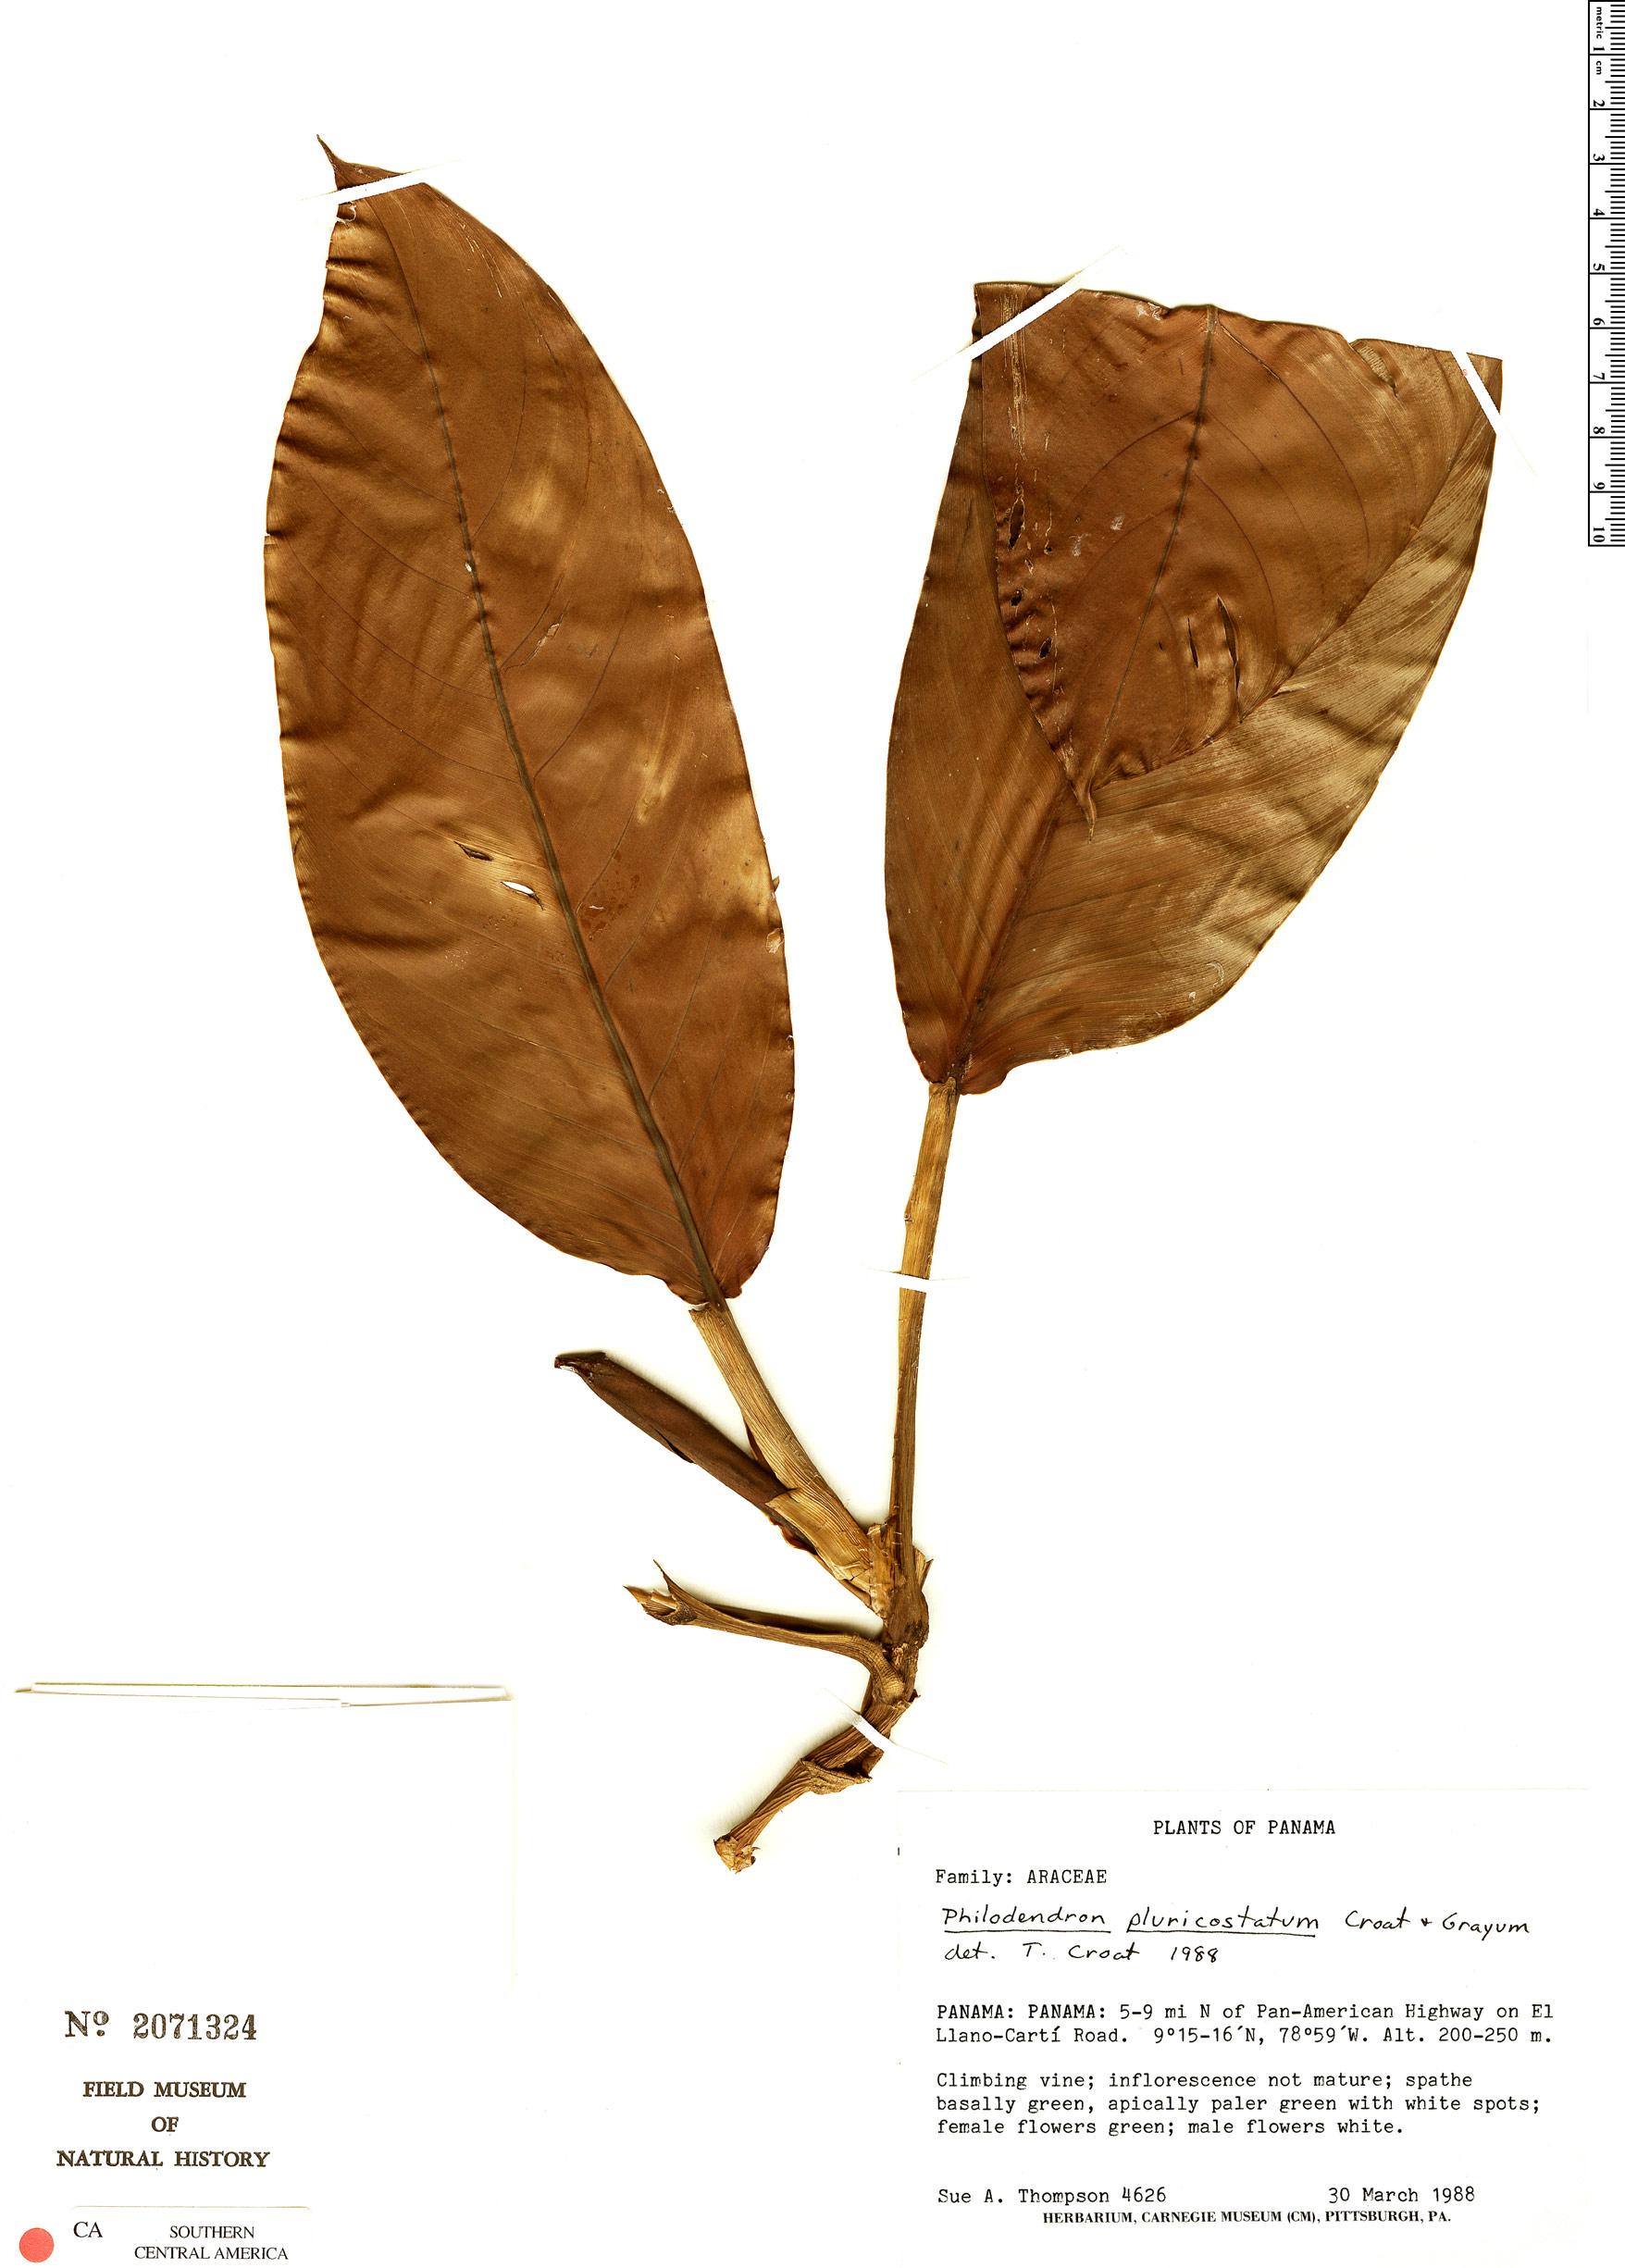 Specimen: Philodendron alliodorum